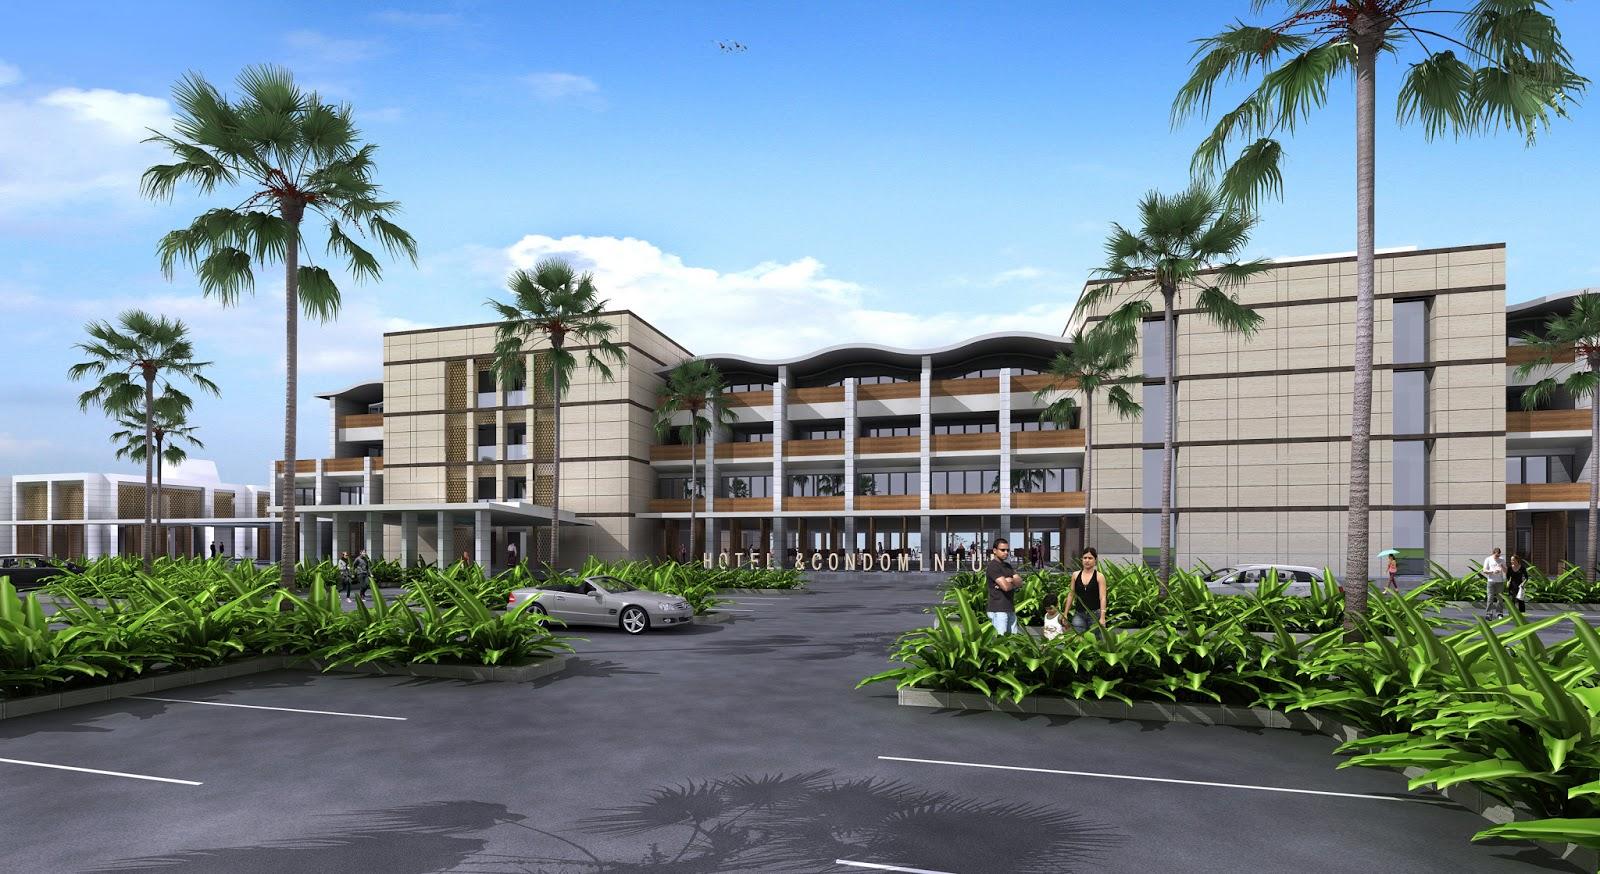 Anugrah Hotel Condotel Devins Puncak Hotel Puncak Devins Condominium